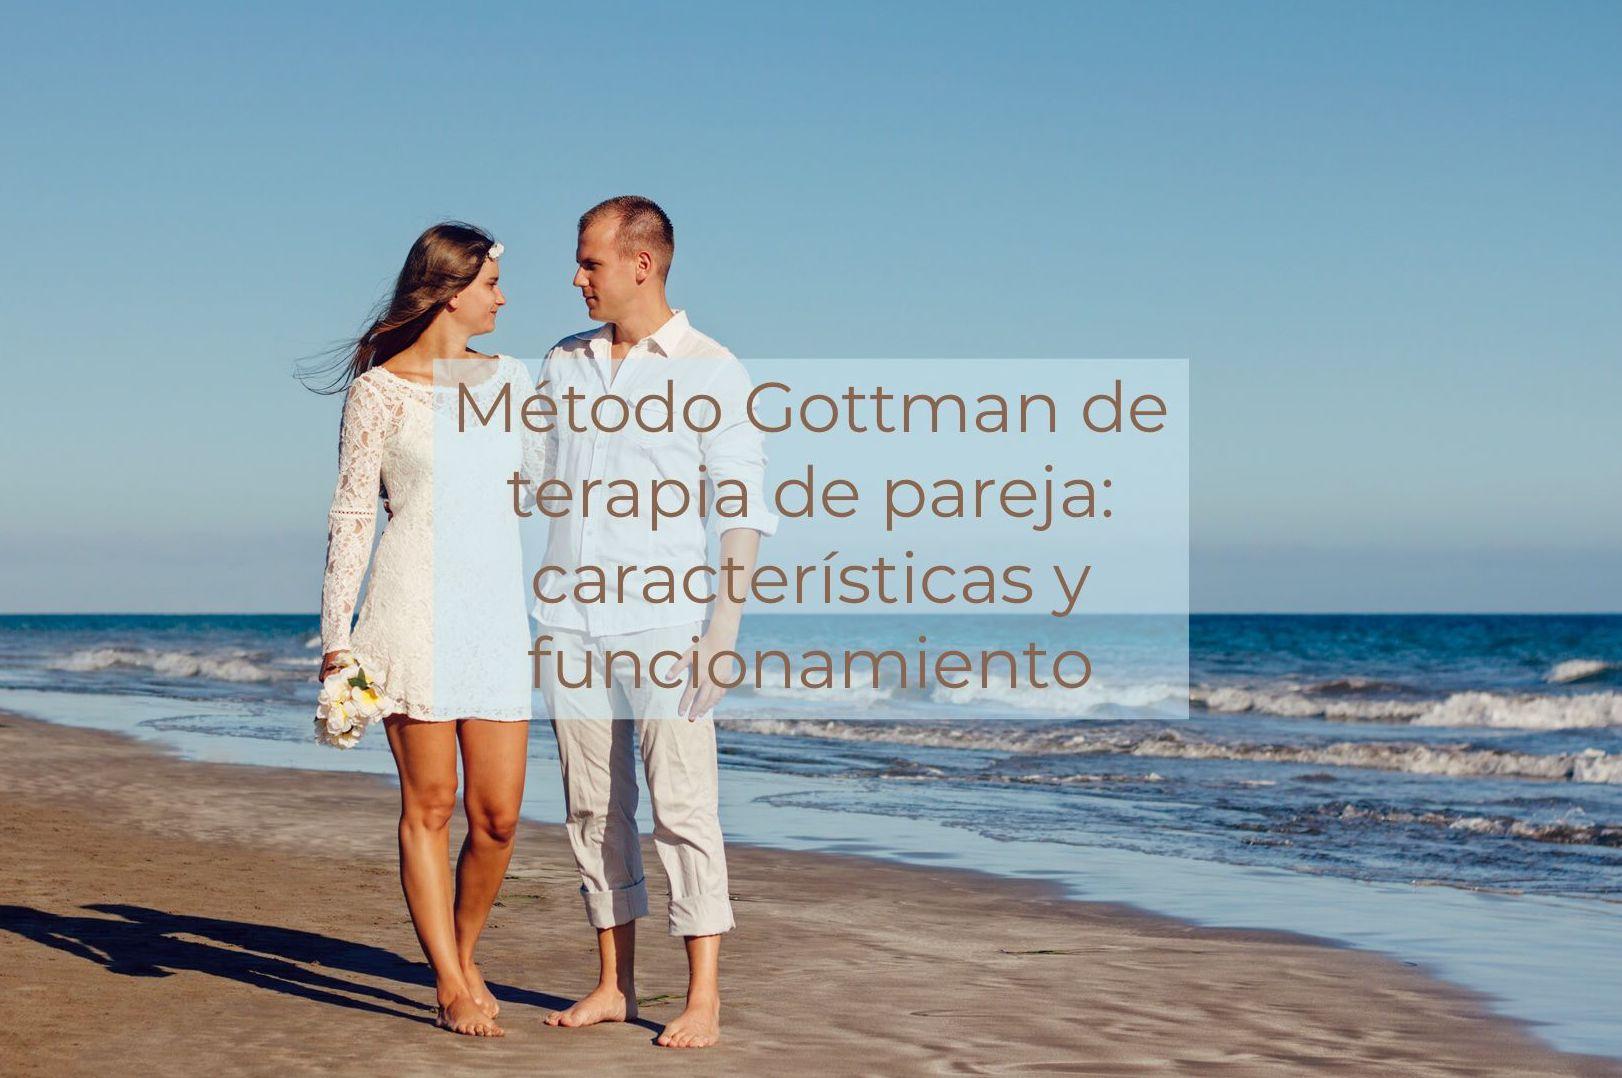 Método Gottman de terapia de pareja: características y funcionamiento